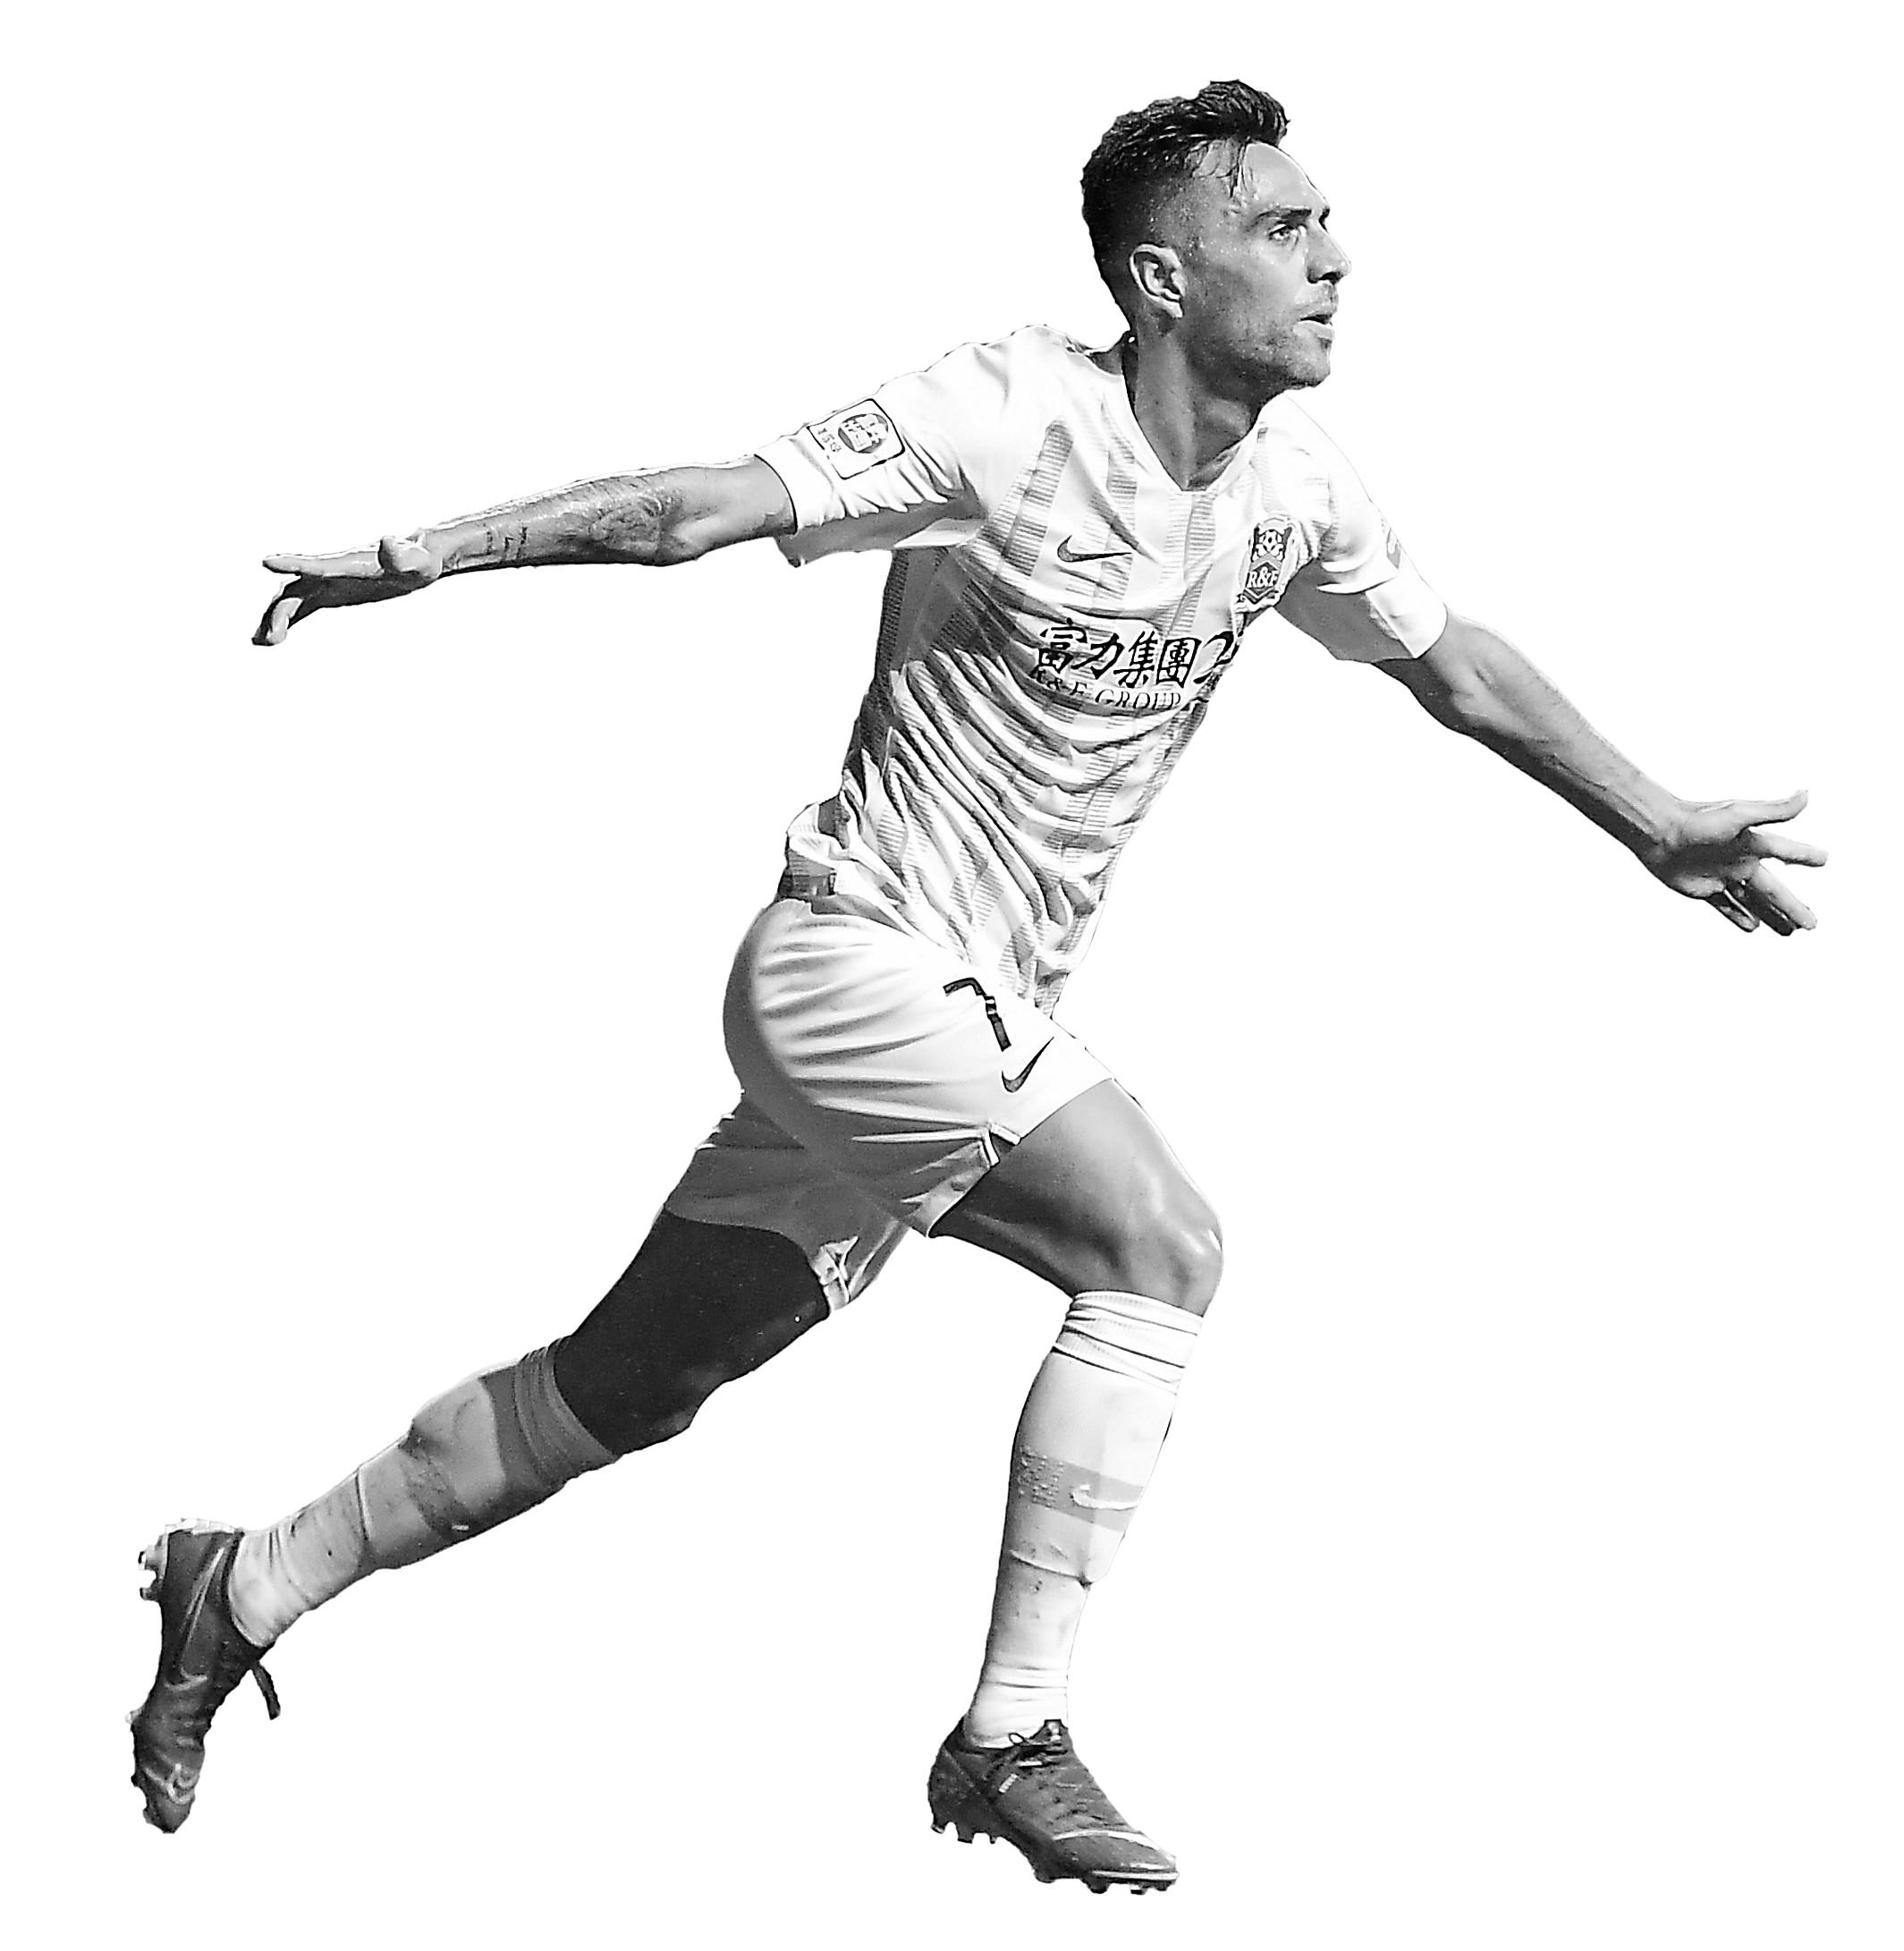 本国联赛孕育日韩足球